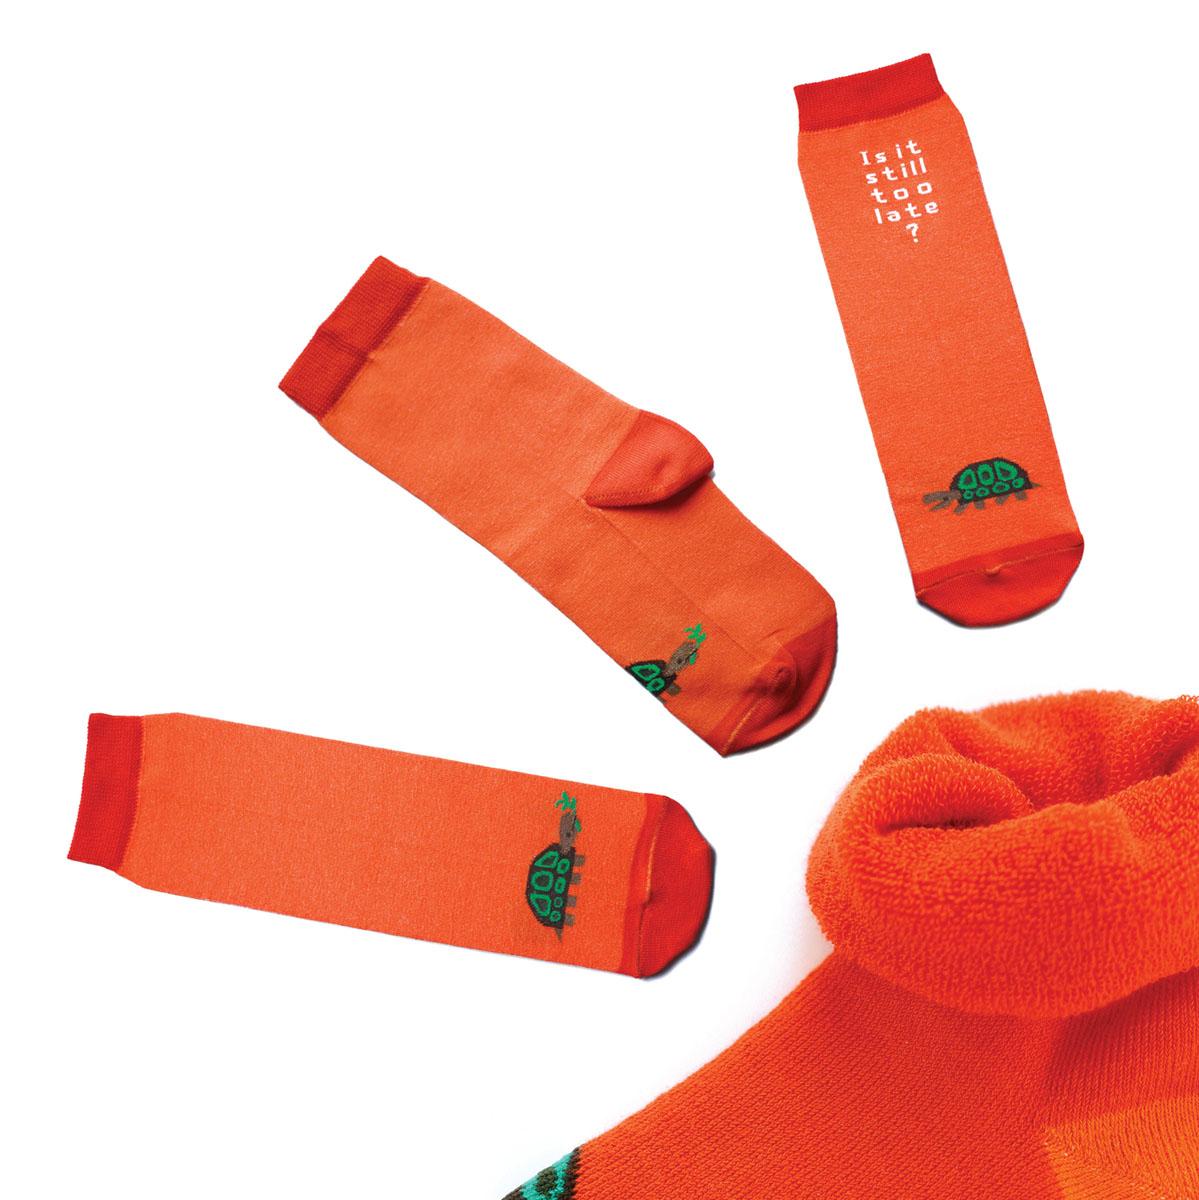 Носкиca1533_махровыеТеплые мужские махровые носки Big Bang Socks изготовлены из высококачественного хлопка с добавлением полиамидных и эластановых волокон, которые обеспечивают великолепную посадку. Носки отличаются ярким стильным дизайном, они оформлены изображением черепахи и надписью: Is it still to late?. Удобная широкая резинка идеально облегает ногу и не пережимает сосуды, усиленные пятка и мысок повышают износоустойчивость носка, а удлиненный паголенок придает более эстетичный вид. Дизайнерские носки Big Bang Socks - яркая деталь в вашем образе и оригинальный подарок для друзей и близких.